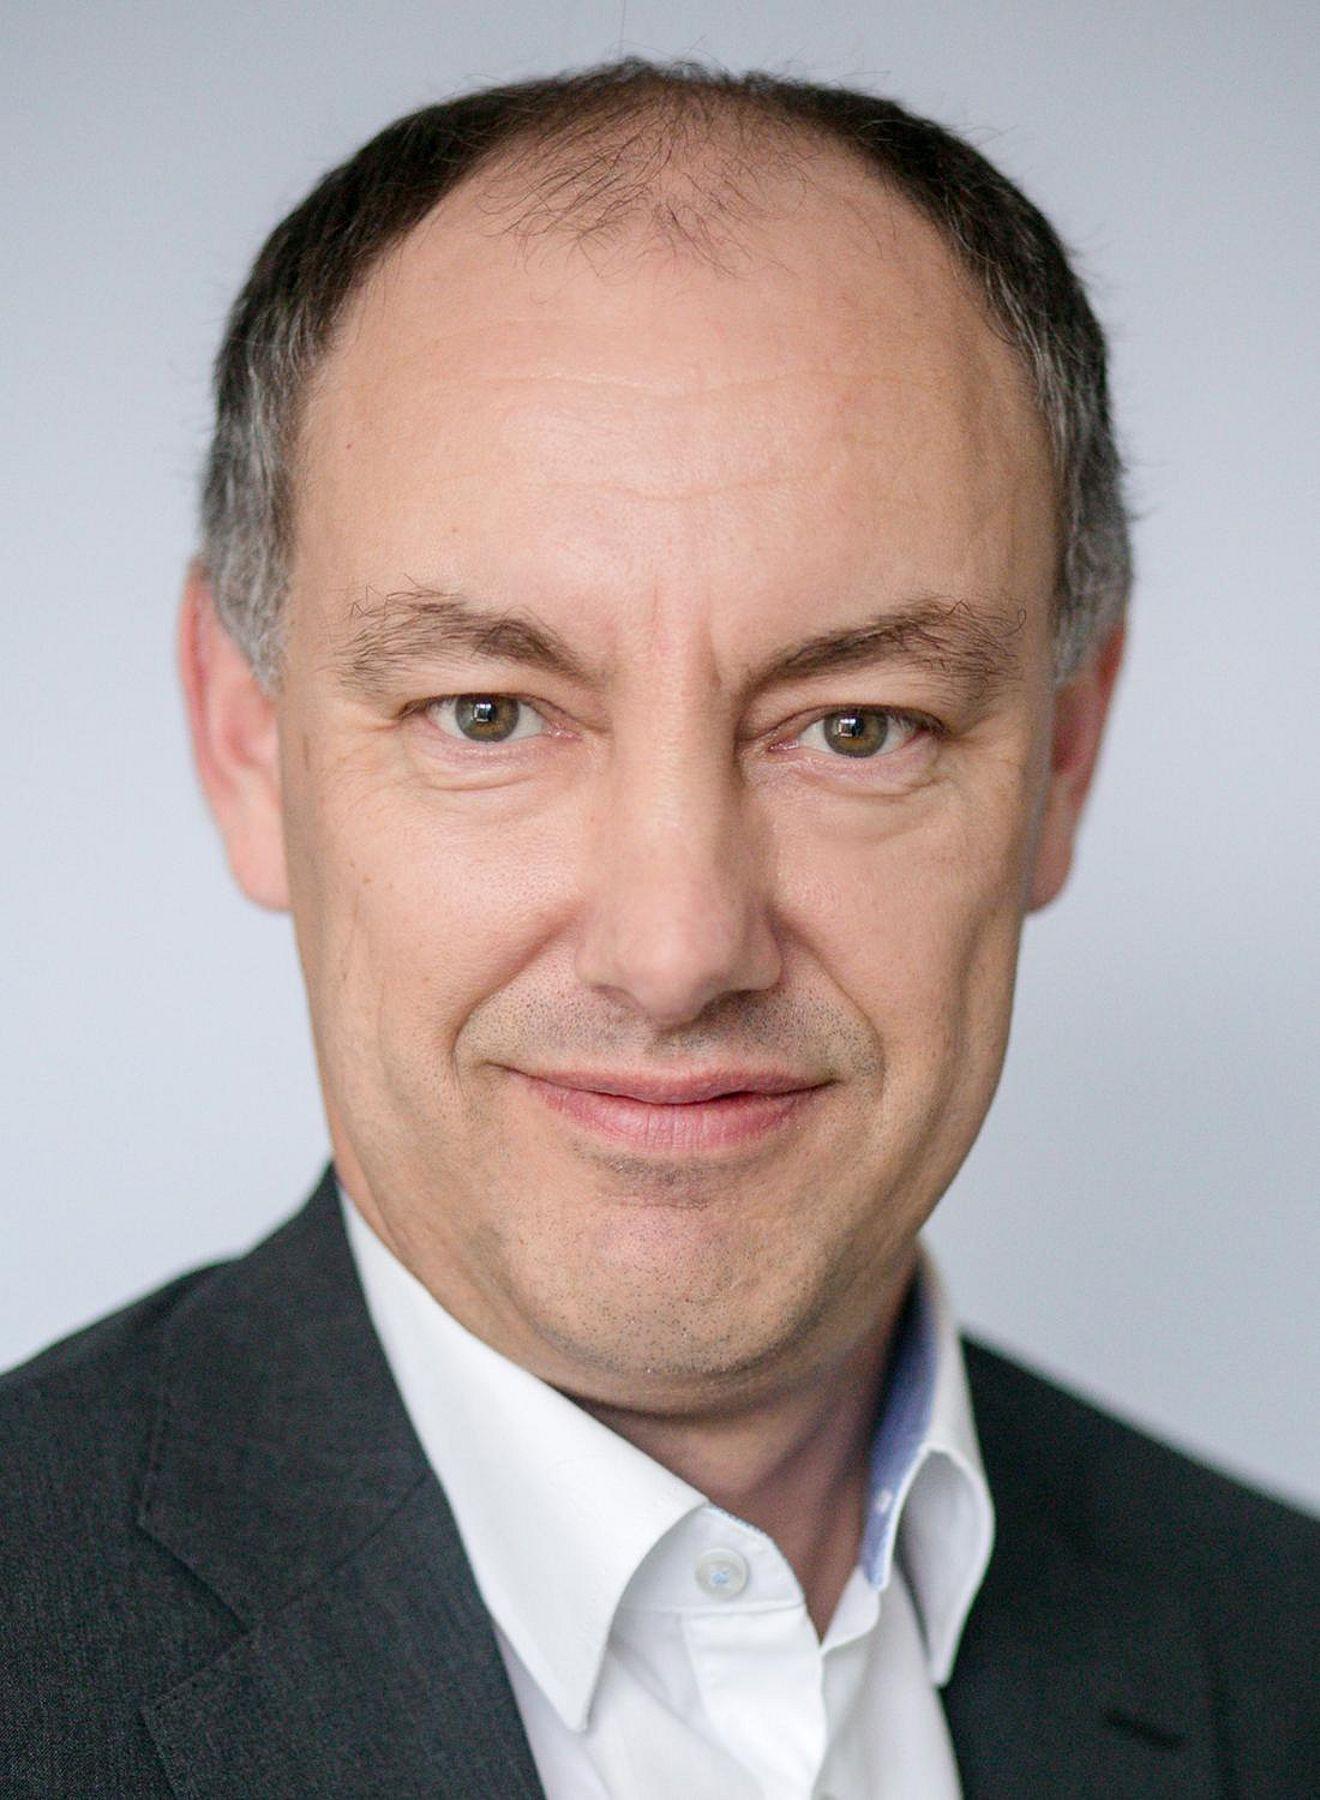 Markus Oswald